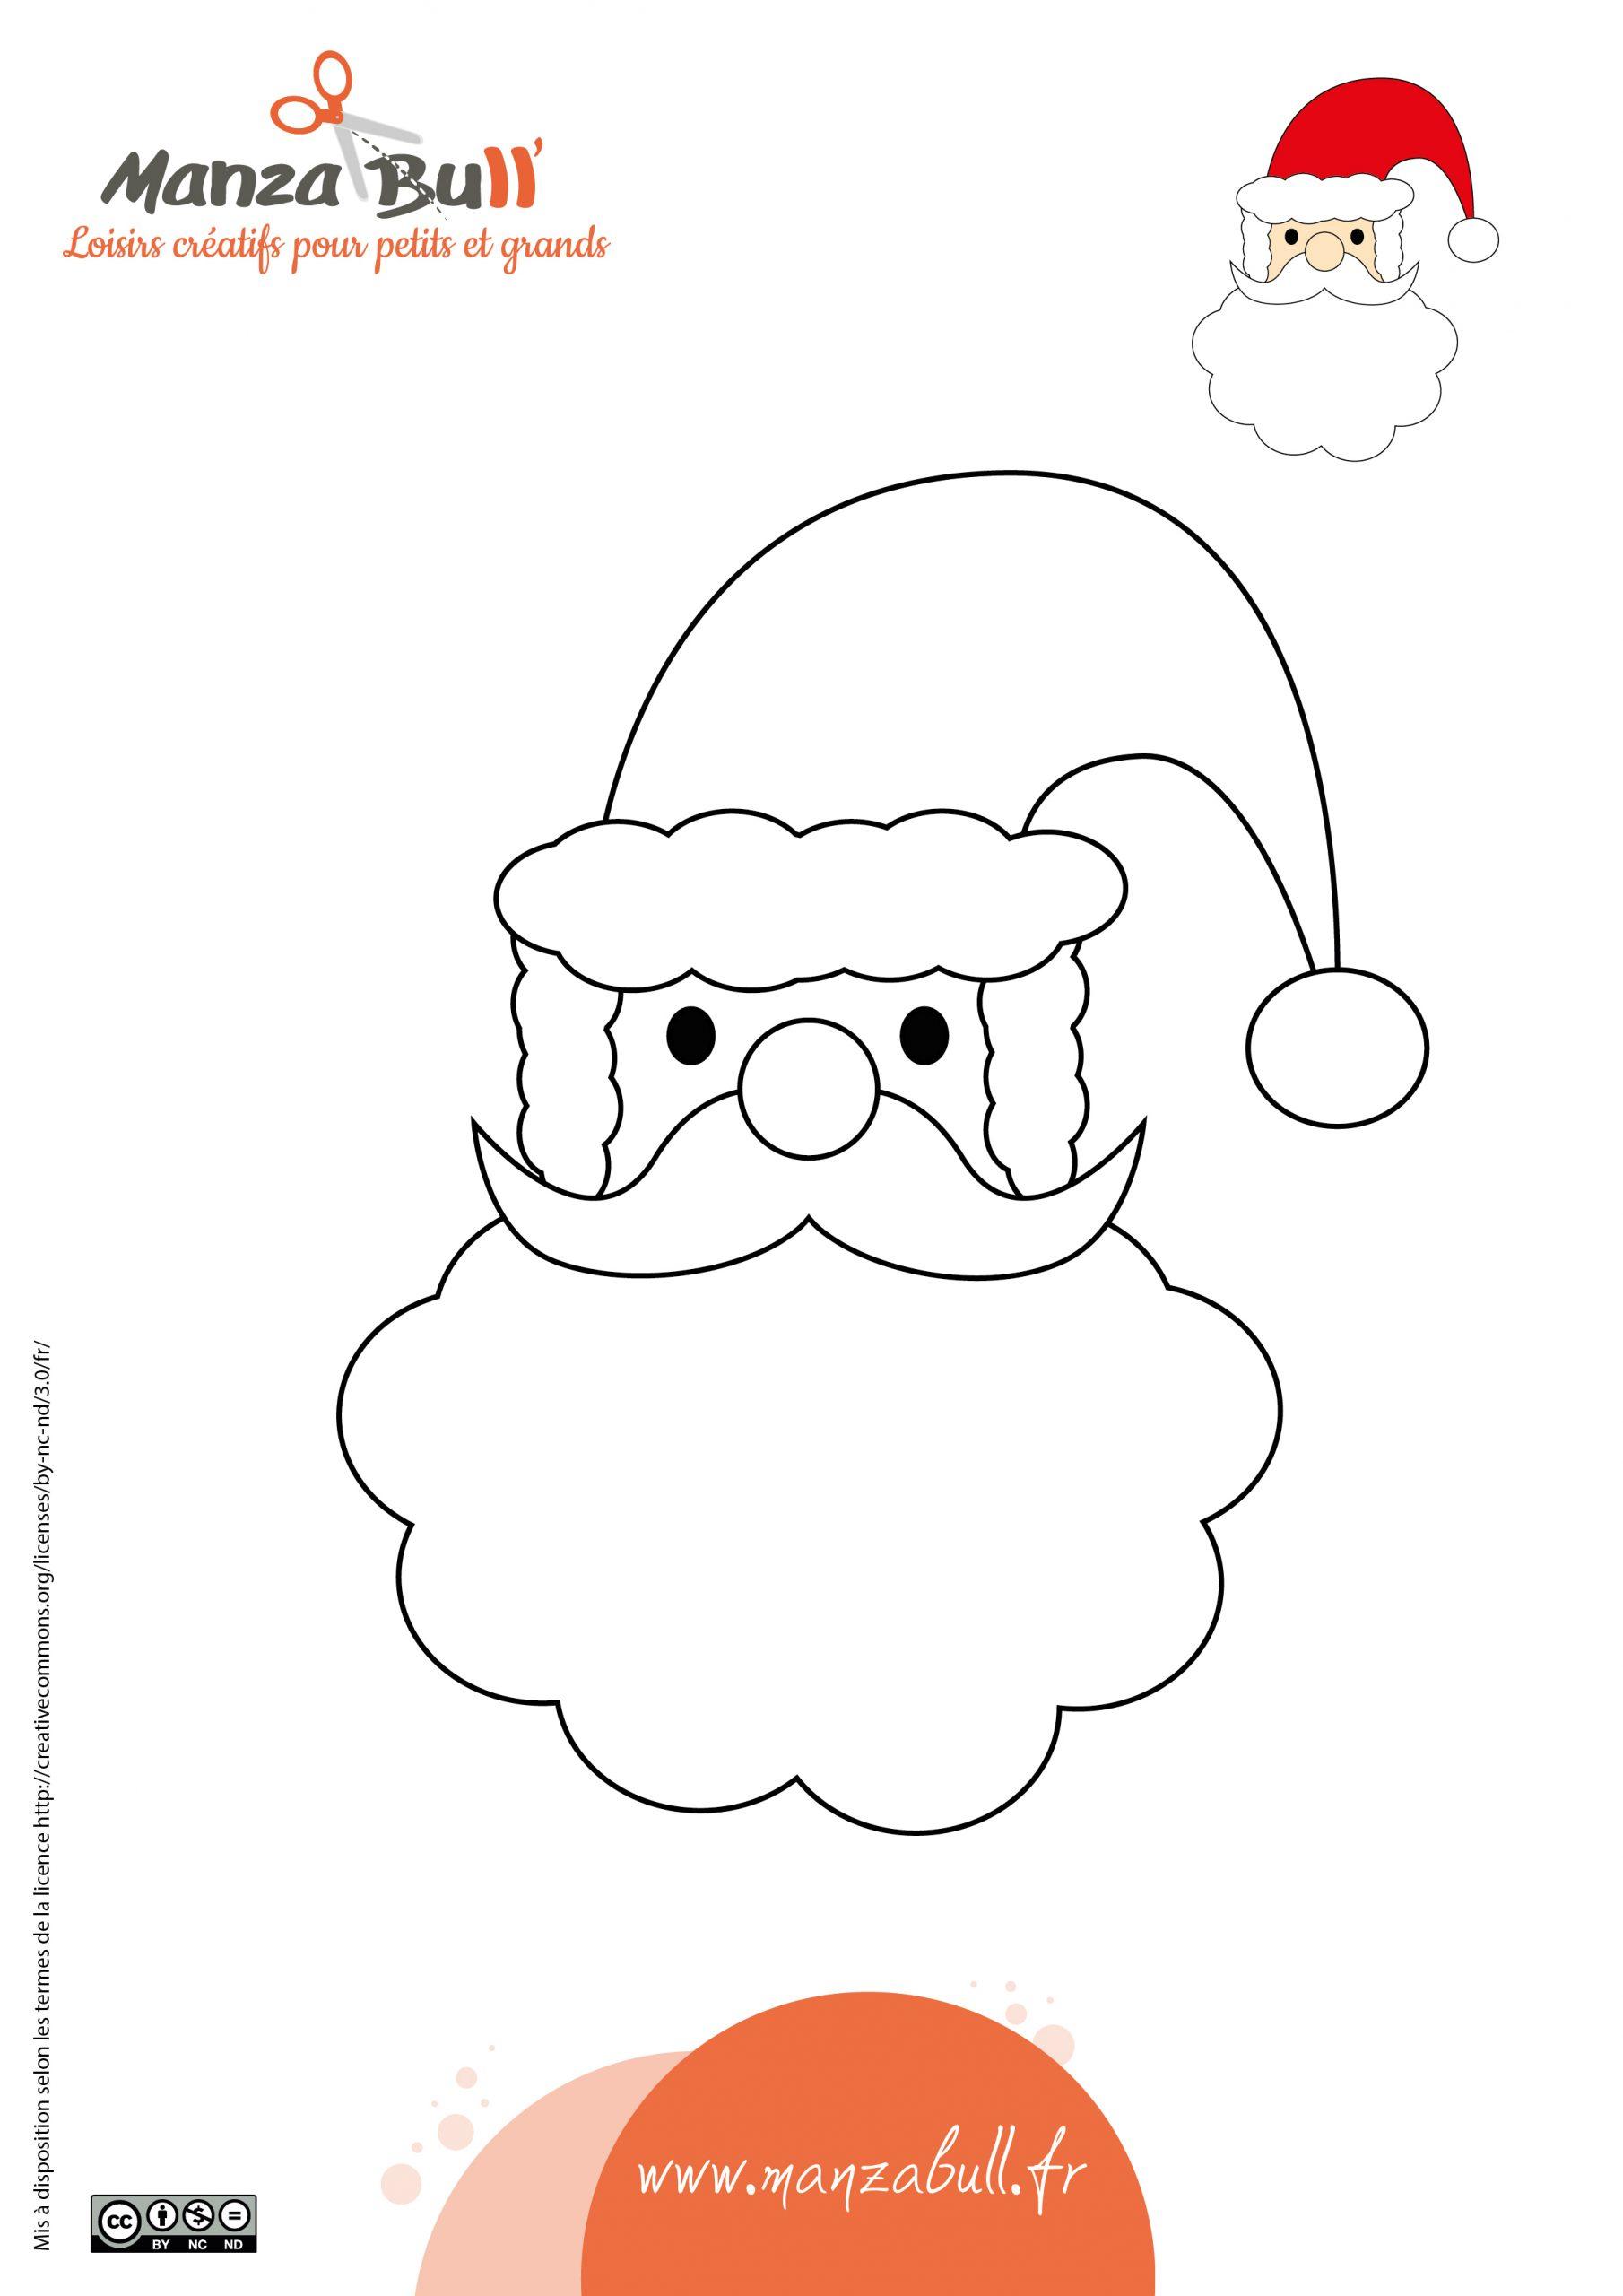 Coloriage Père Noël À Imprimer - Manzabull' avec Coloriage De Père Noel Gratuit A Imprimer